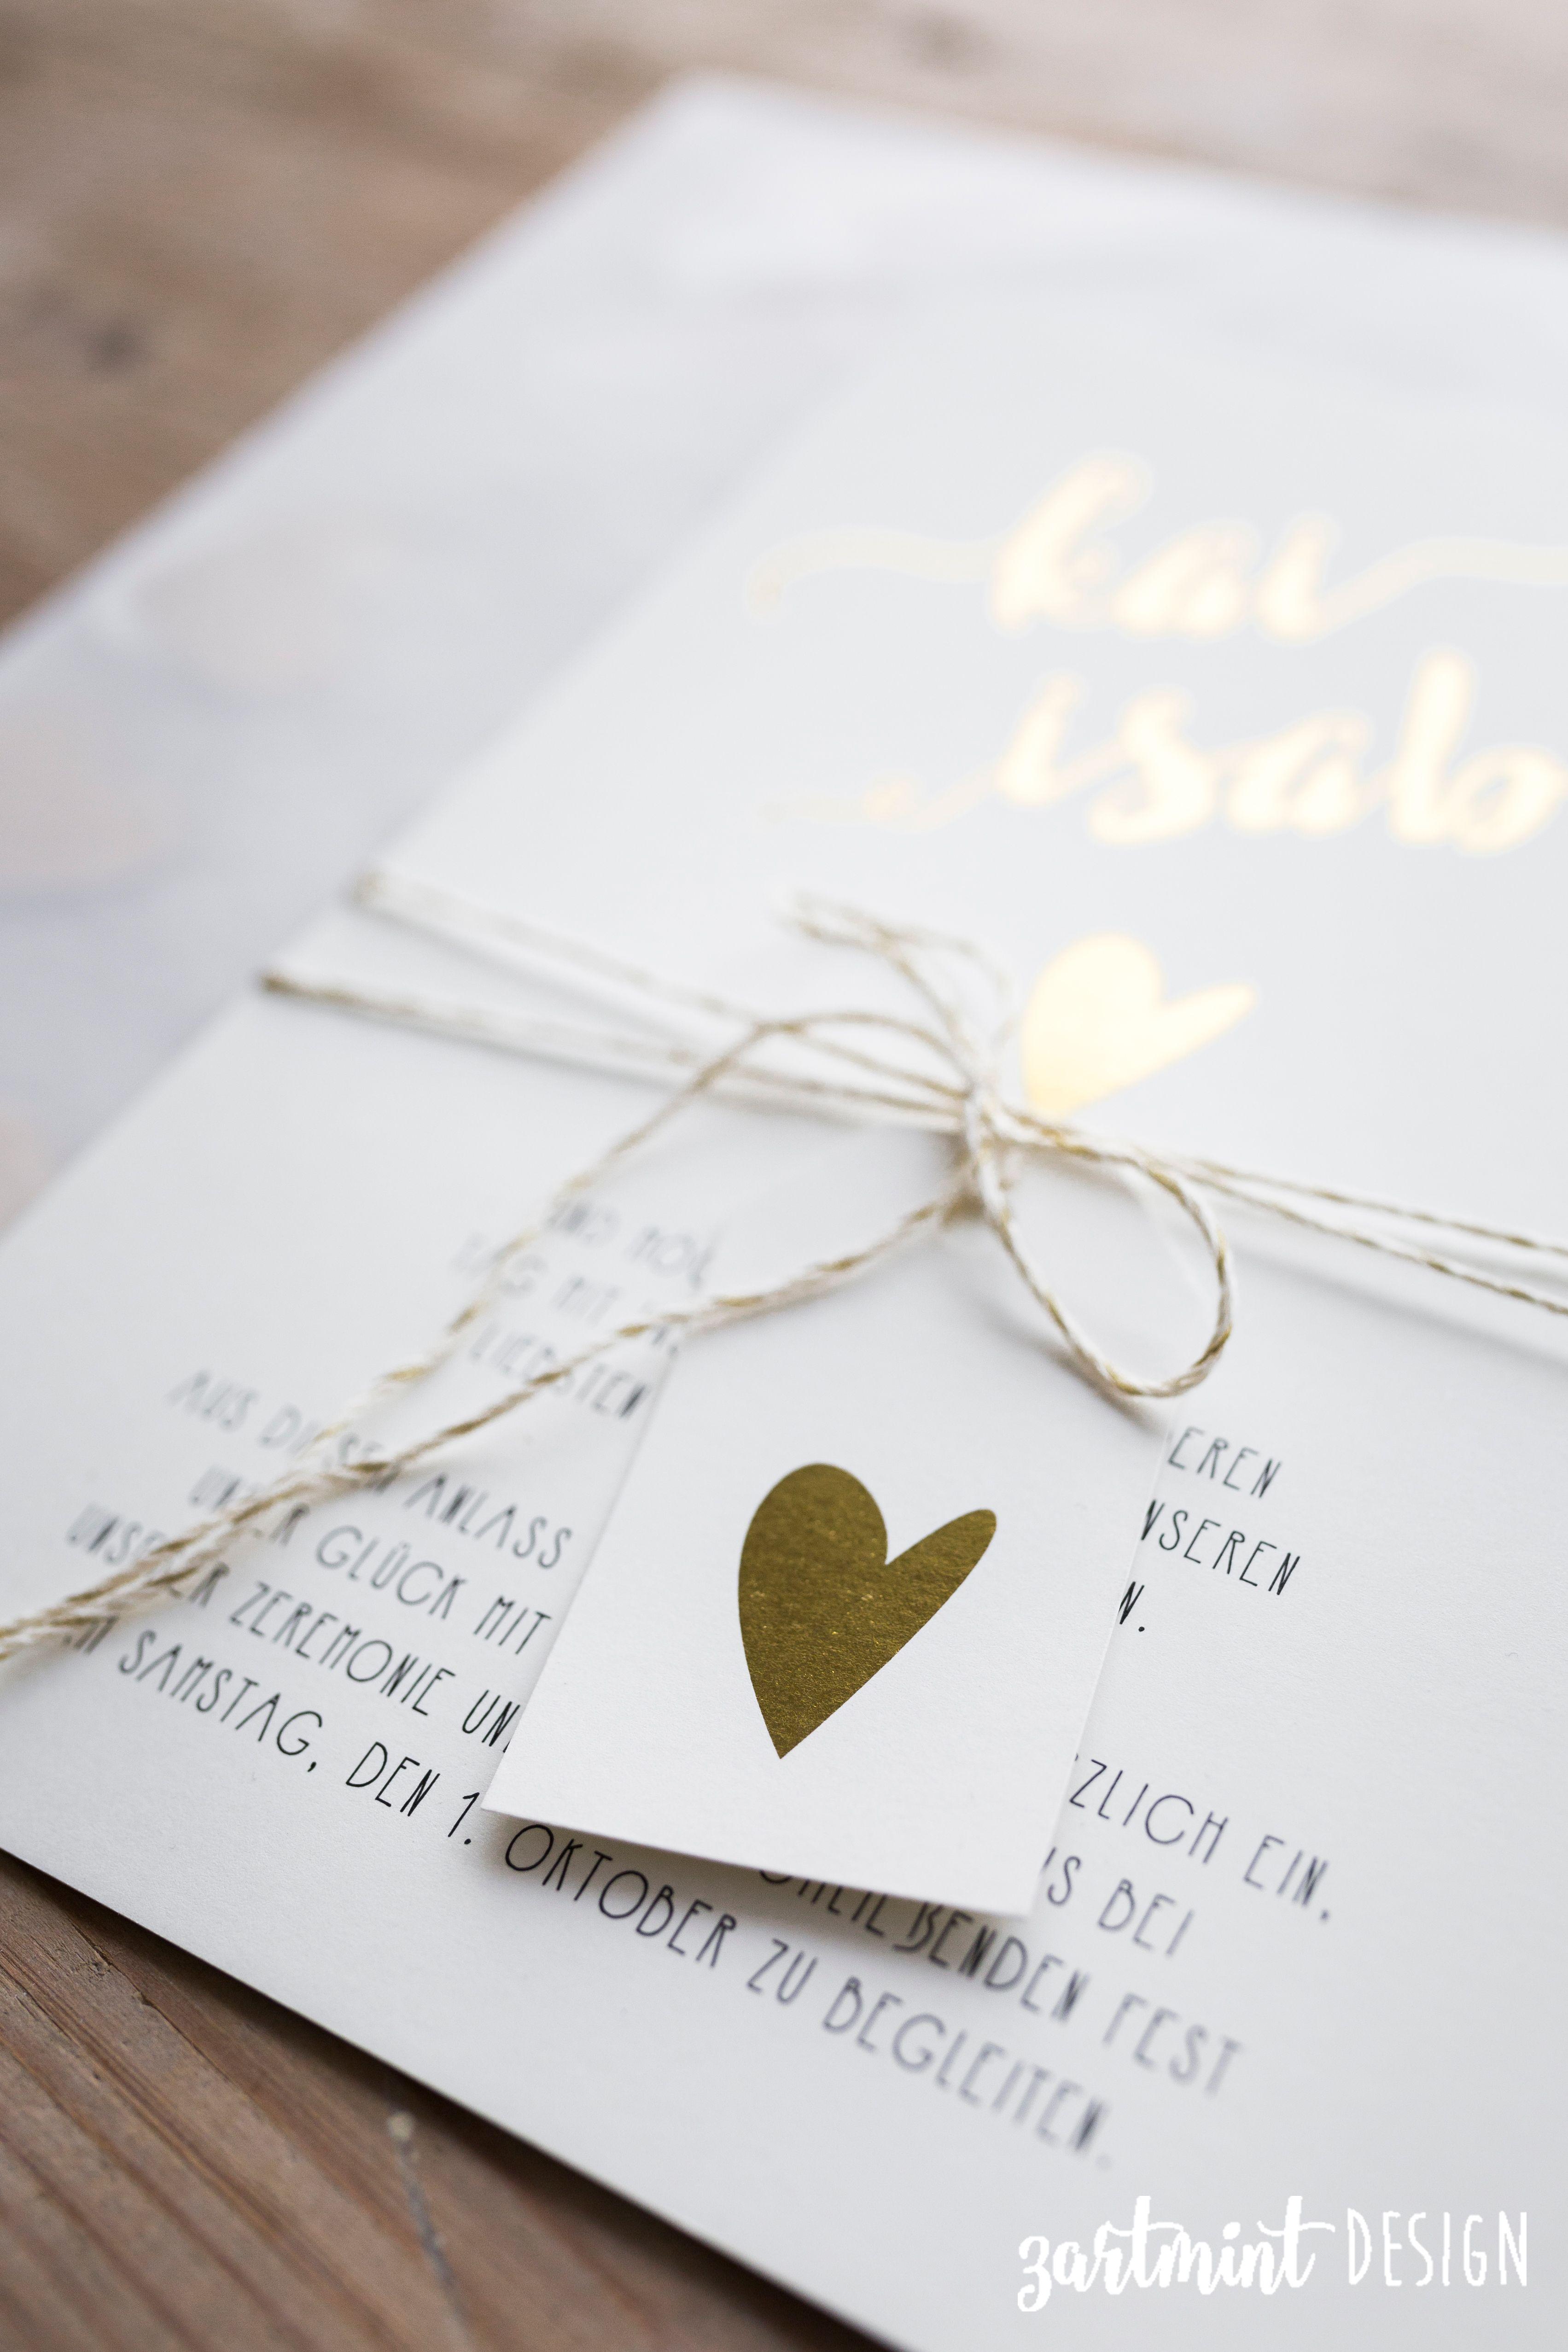 Hochzeitspapeterie | Hochzeitseinladung Herz Aus Gold ♥ Heißfolie,  Goldprägung, Goldfolie, Vintage, Hippie, Boho, Zartmint Design, Bonn, Köln,  NRW, ...